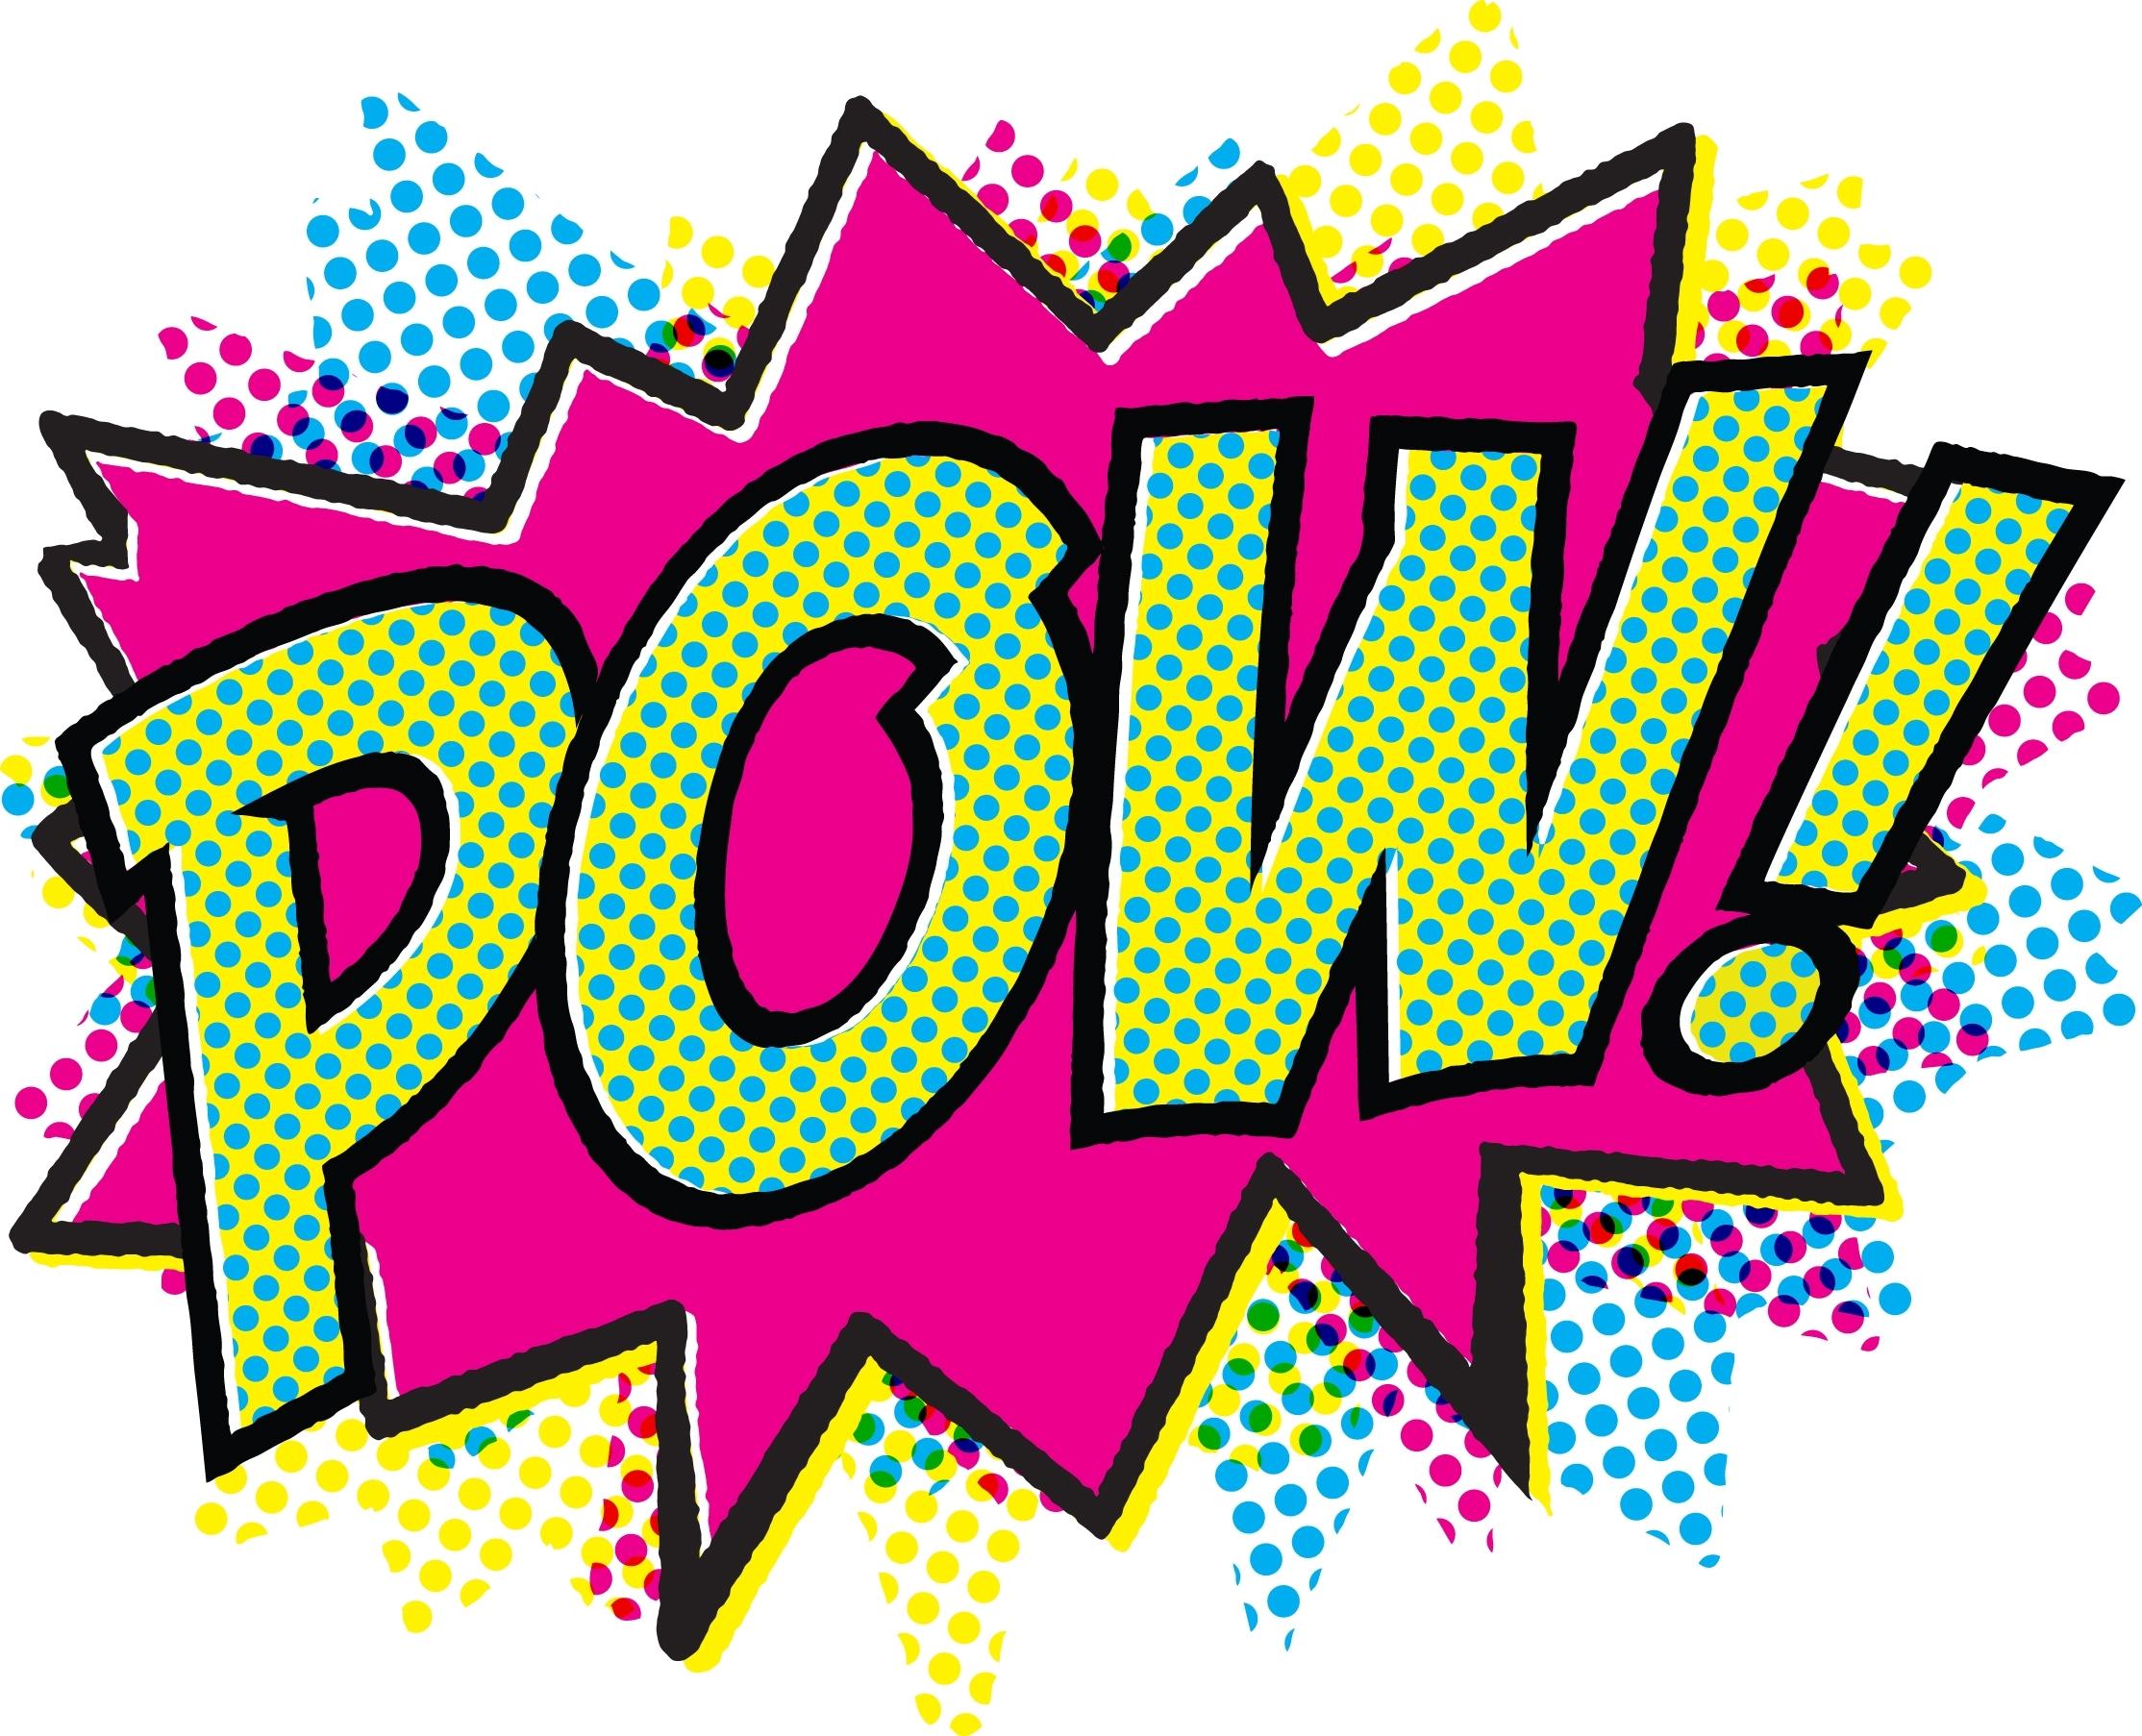 Free Pop Art Cliparts, Download Free Clip Art, Free Clip Art.